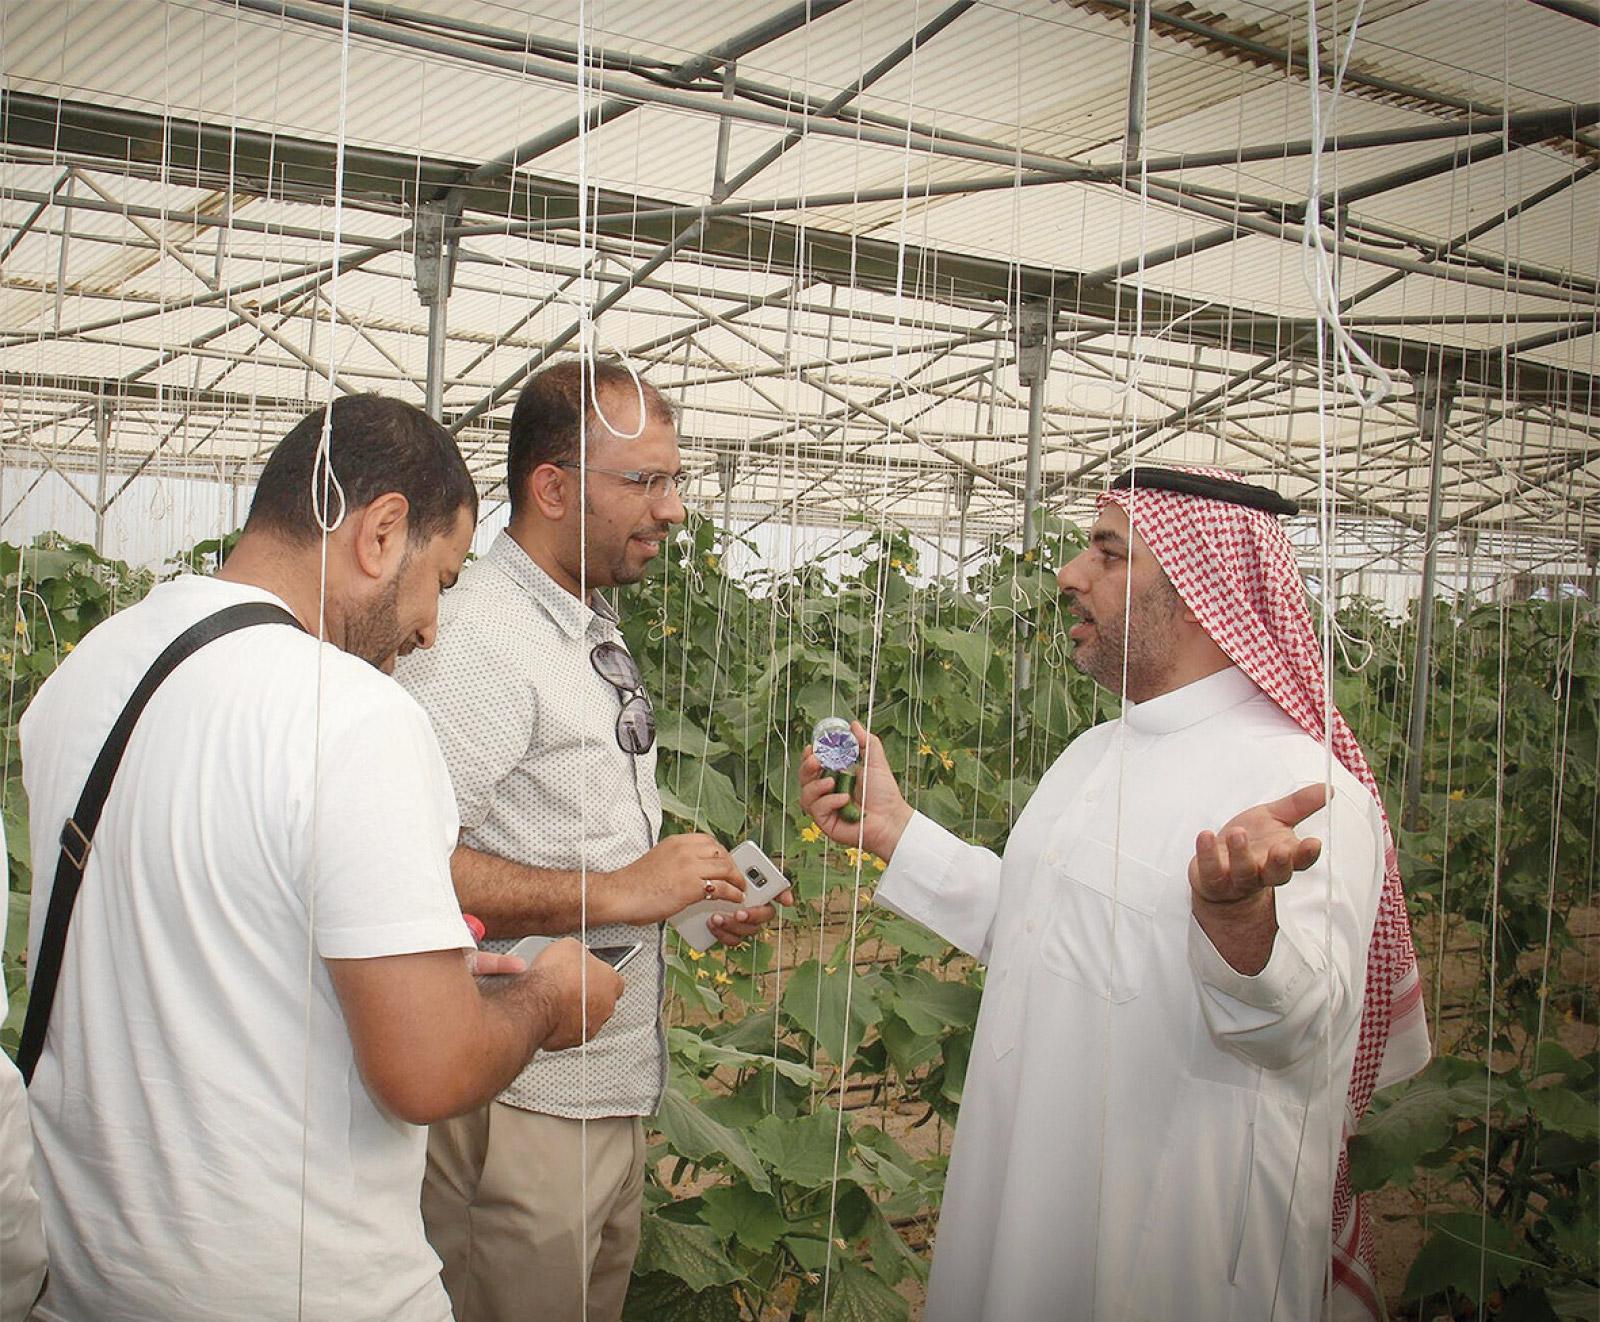 رئيس مركز الإرشاد الزراعي للمزرعة المتكاملة عيسى سلطان خلال زيارة المحمية النباتية